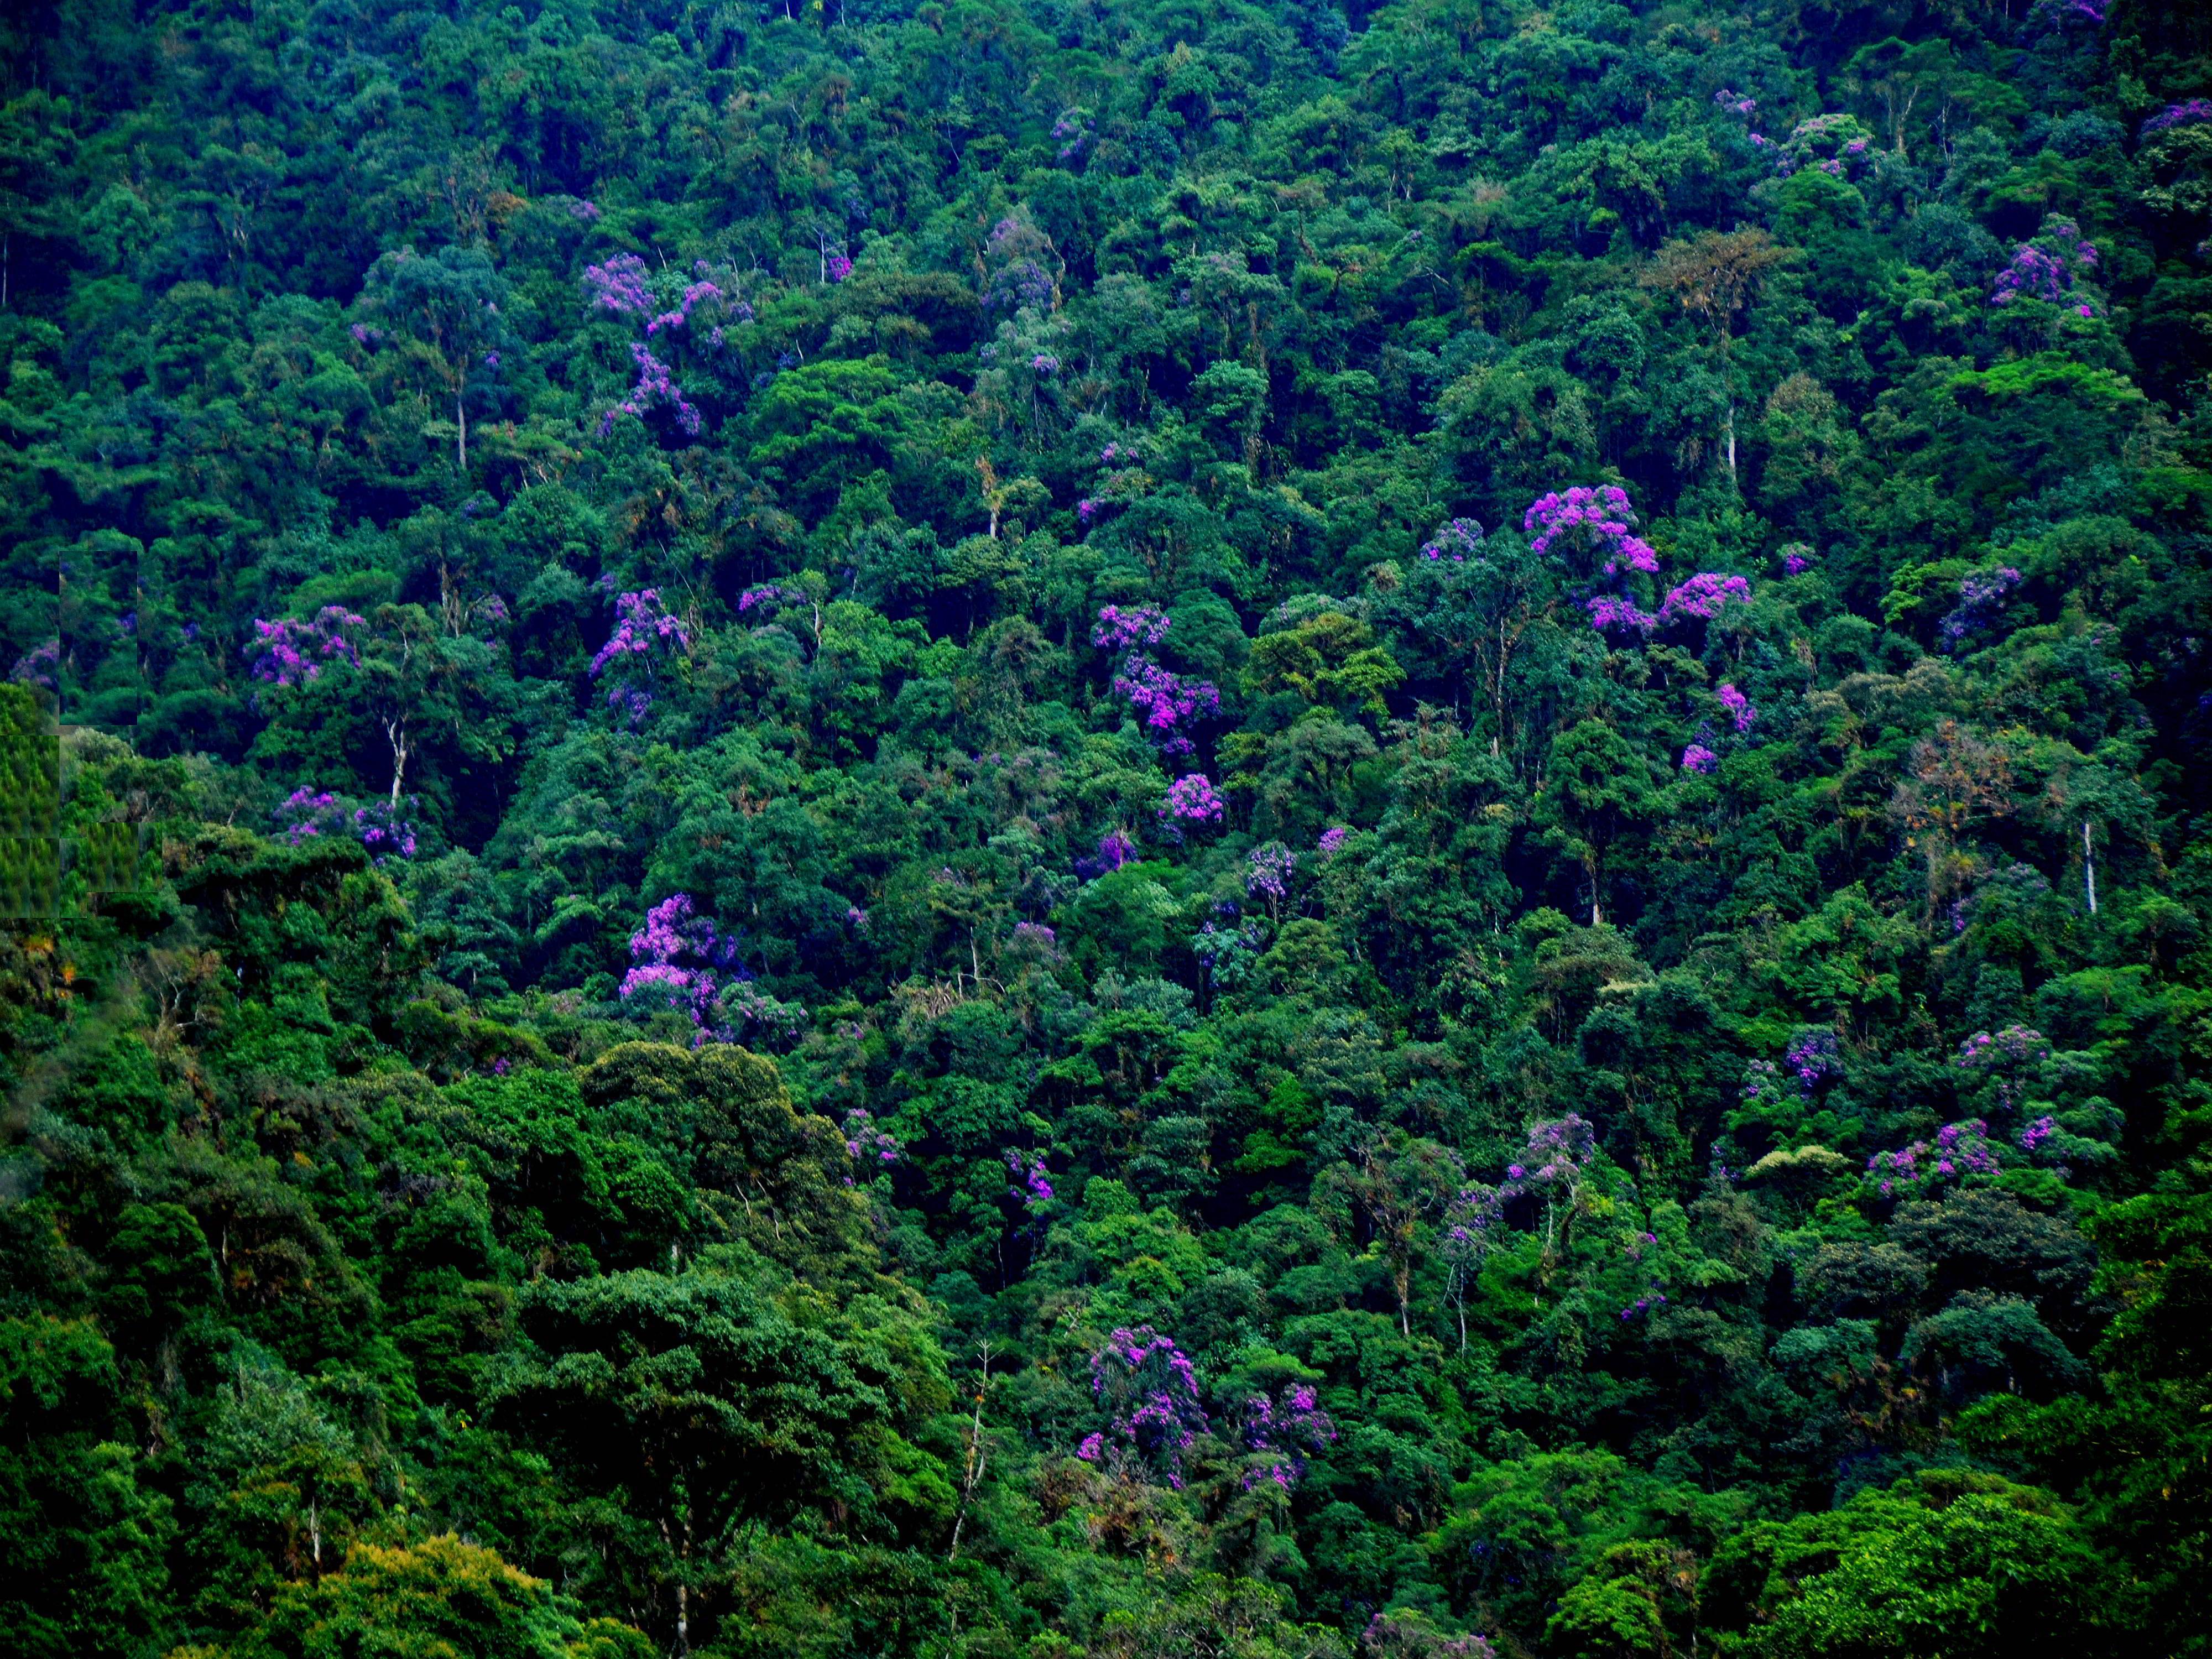 AMAZONAS REGENWALD LODGE, ECUADOR